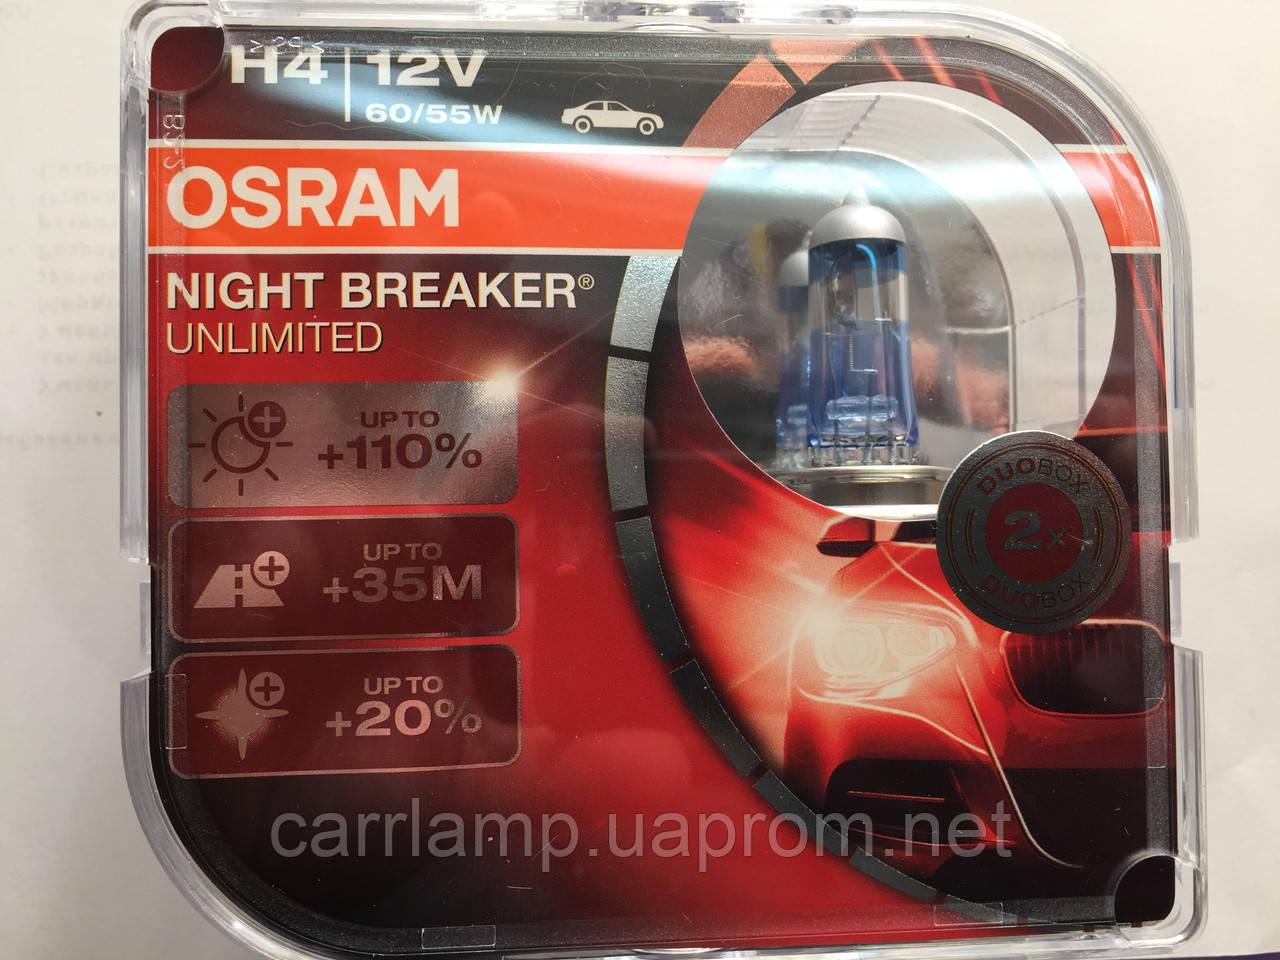 osram h4 night breaker unlimited 110. Black Bedroom Furniture Sets. Home Design Ideas